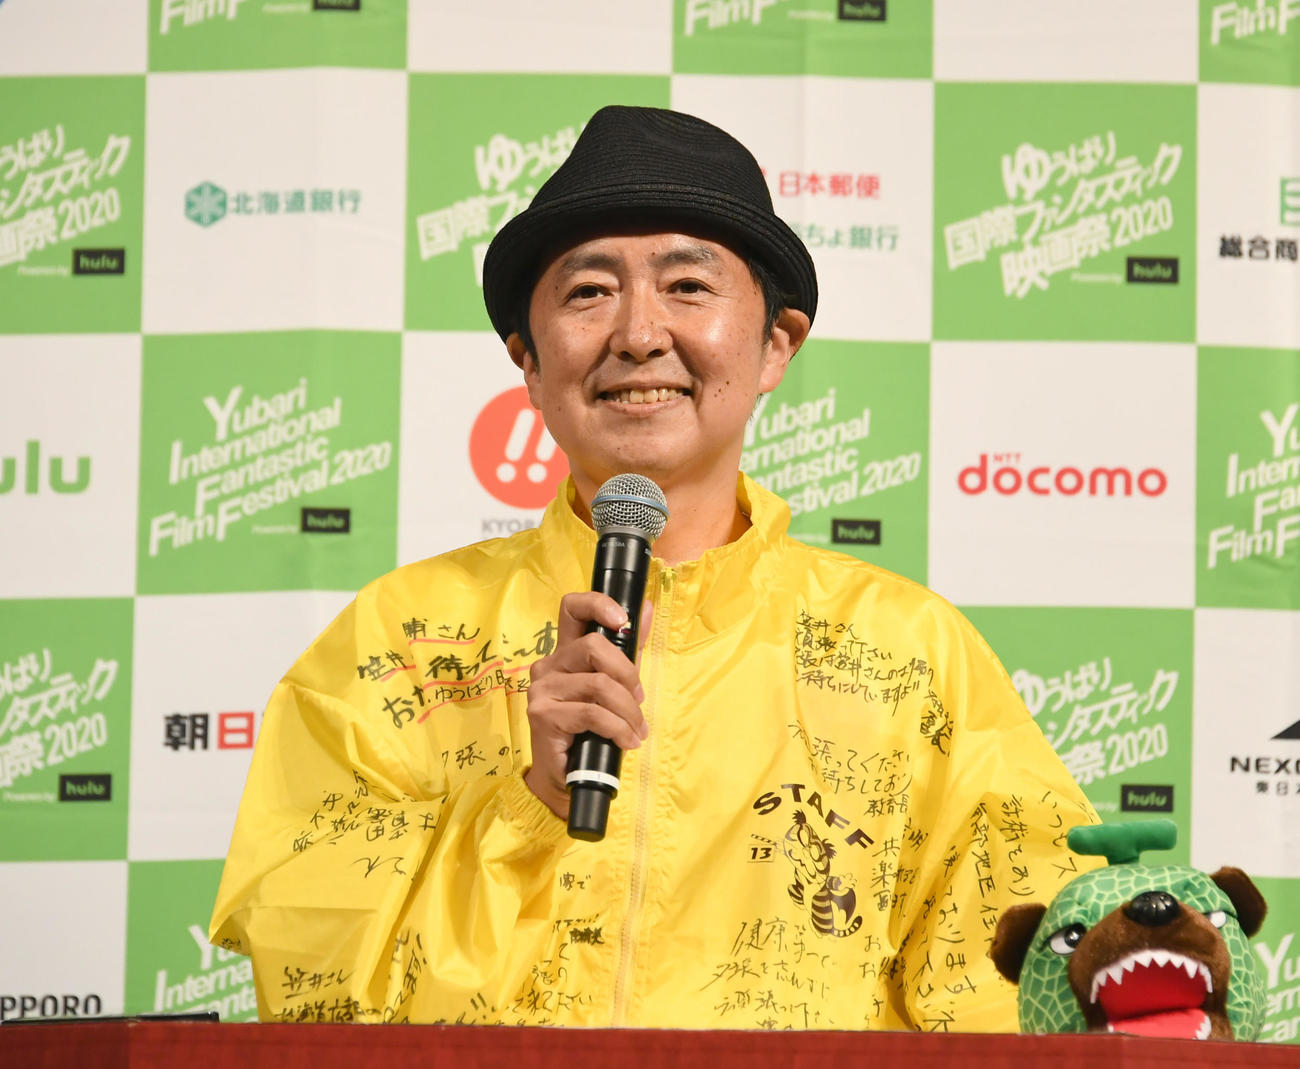 オープニングセレモニーで、MCを務める笠井信輔アナ(撮影・酒井清司)